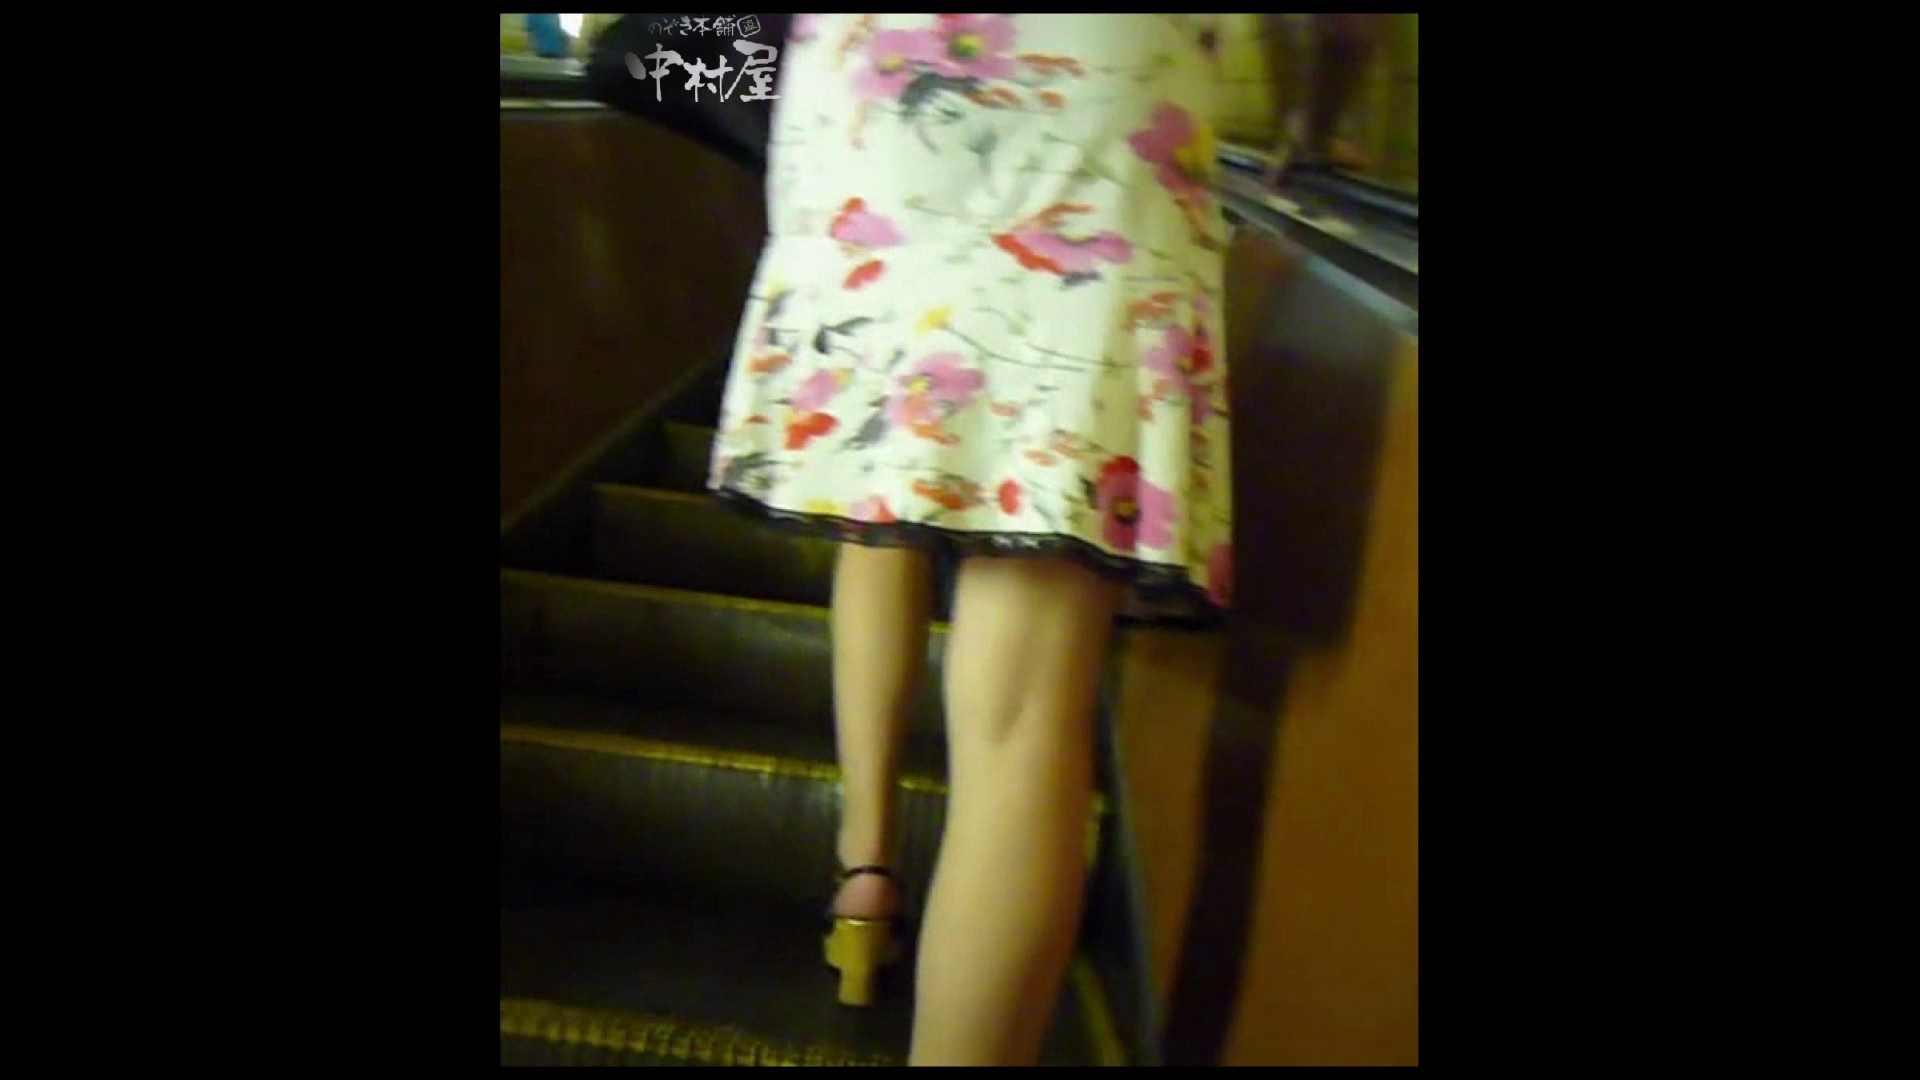 綺麗なモデルさんのスカート捲っちゃおう‼ vol29 エロいお姉さん | 0  10枚 7